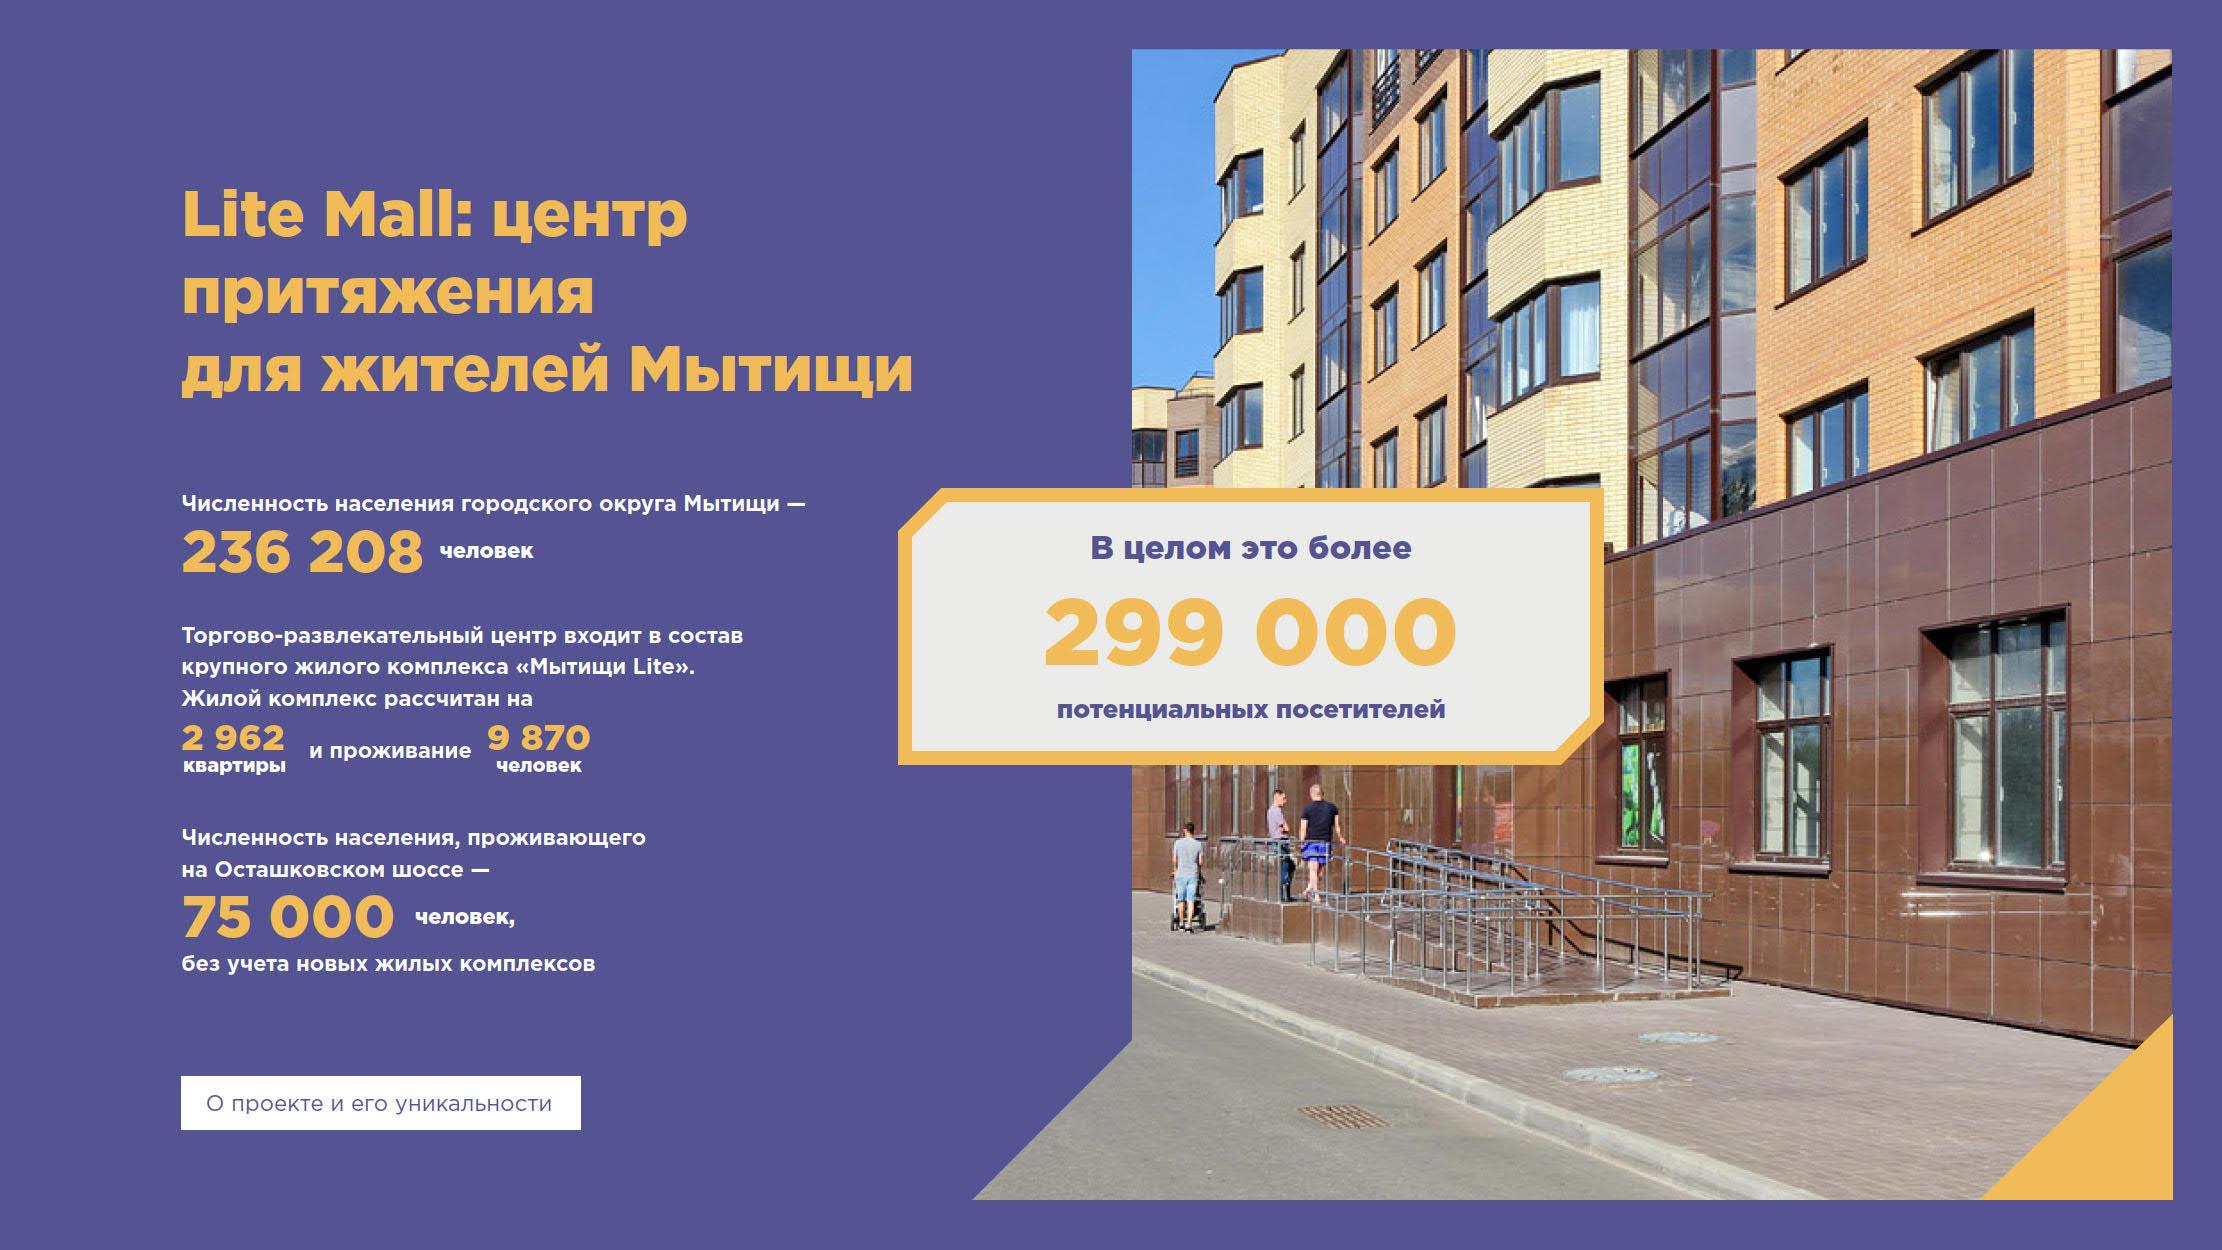 Презентация торгово-развлекательного центра Lite Mall для арендаторов